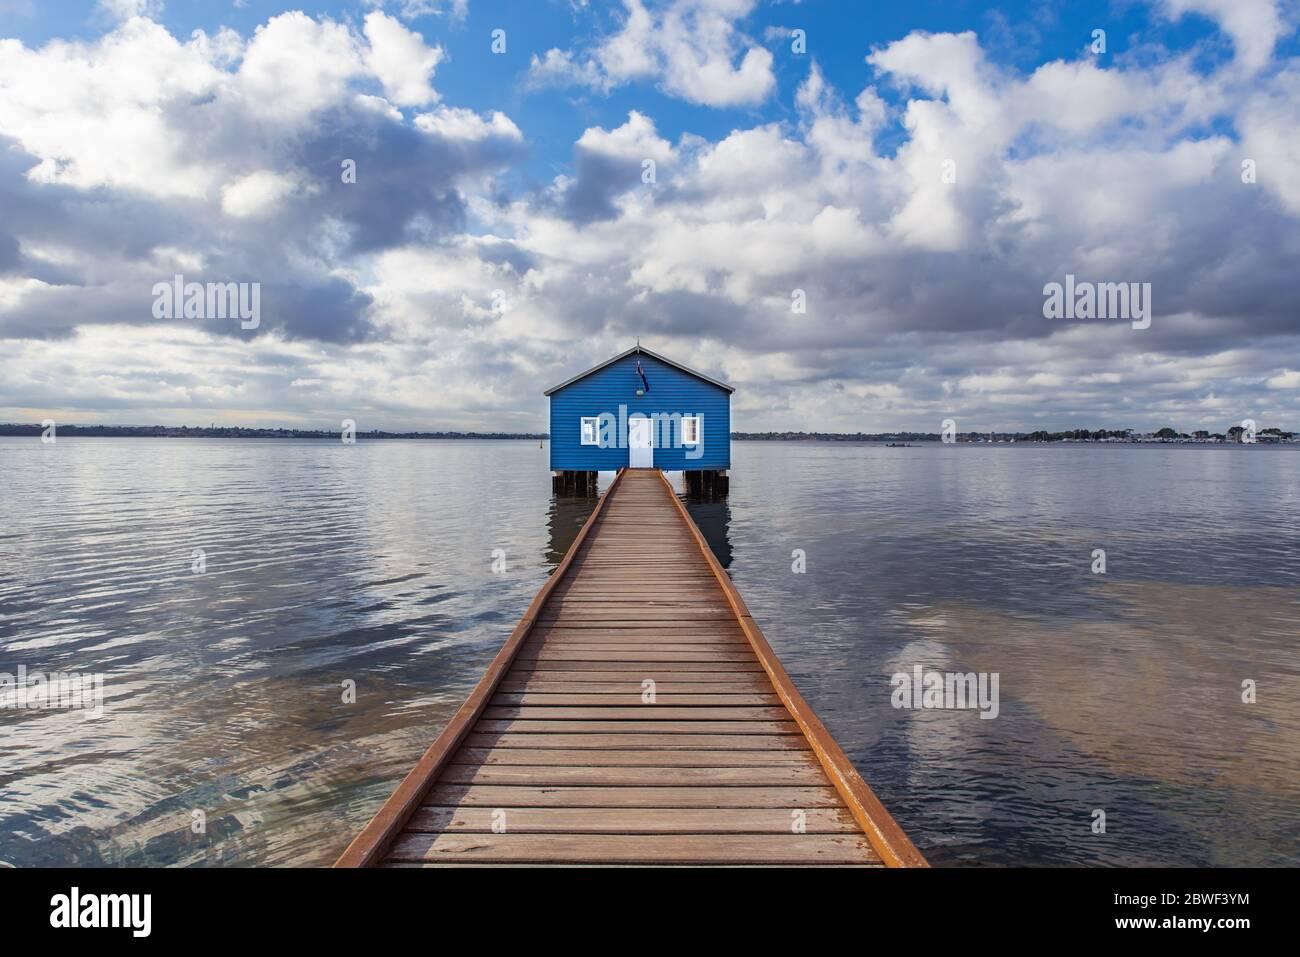 Perth, novembre 2019 : célèbre petite maison de bateau bleu - le hangar de Crawley Edge situé sur la Swan River à Crawley à Perth. Tourisme en Australie occidentale Banque D'Images